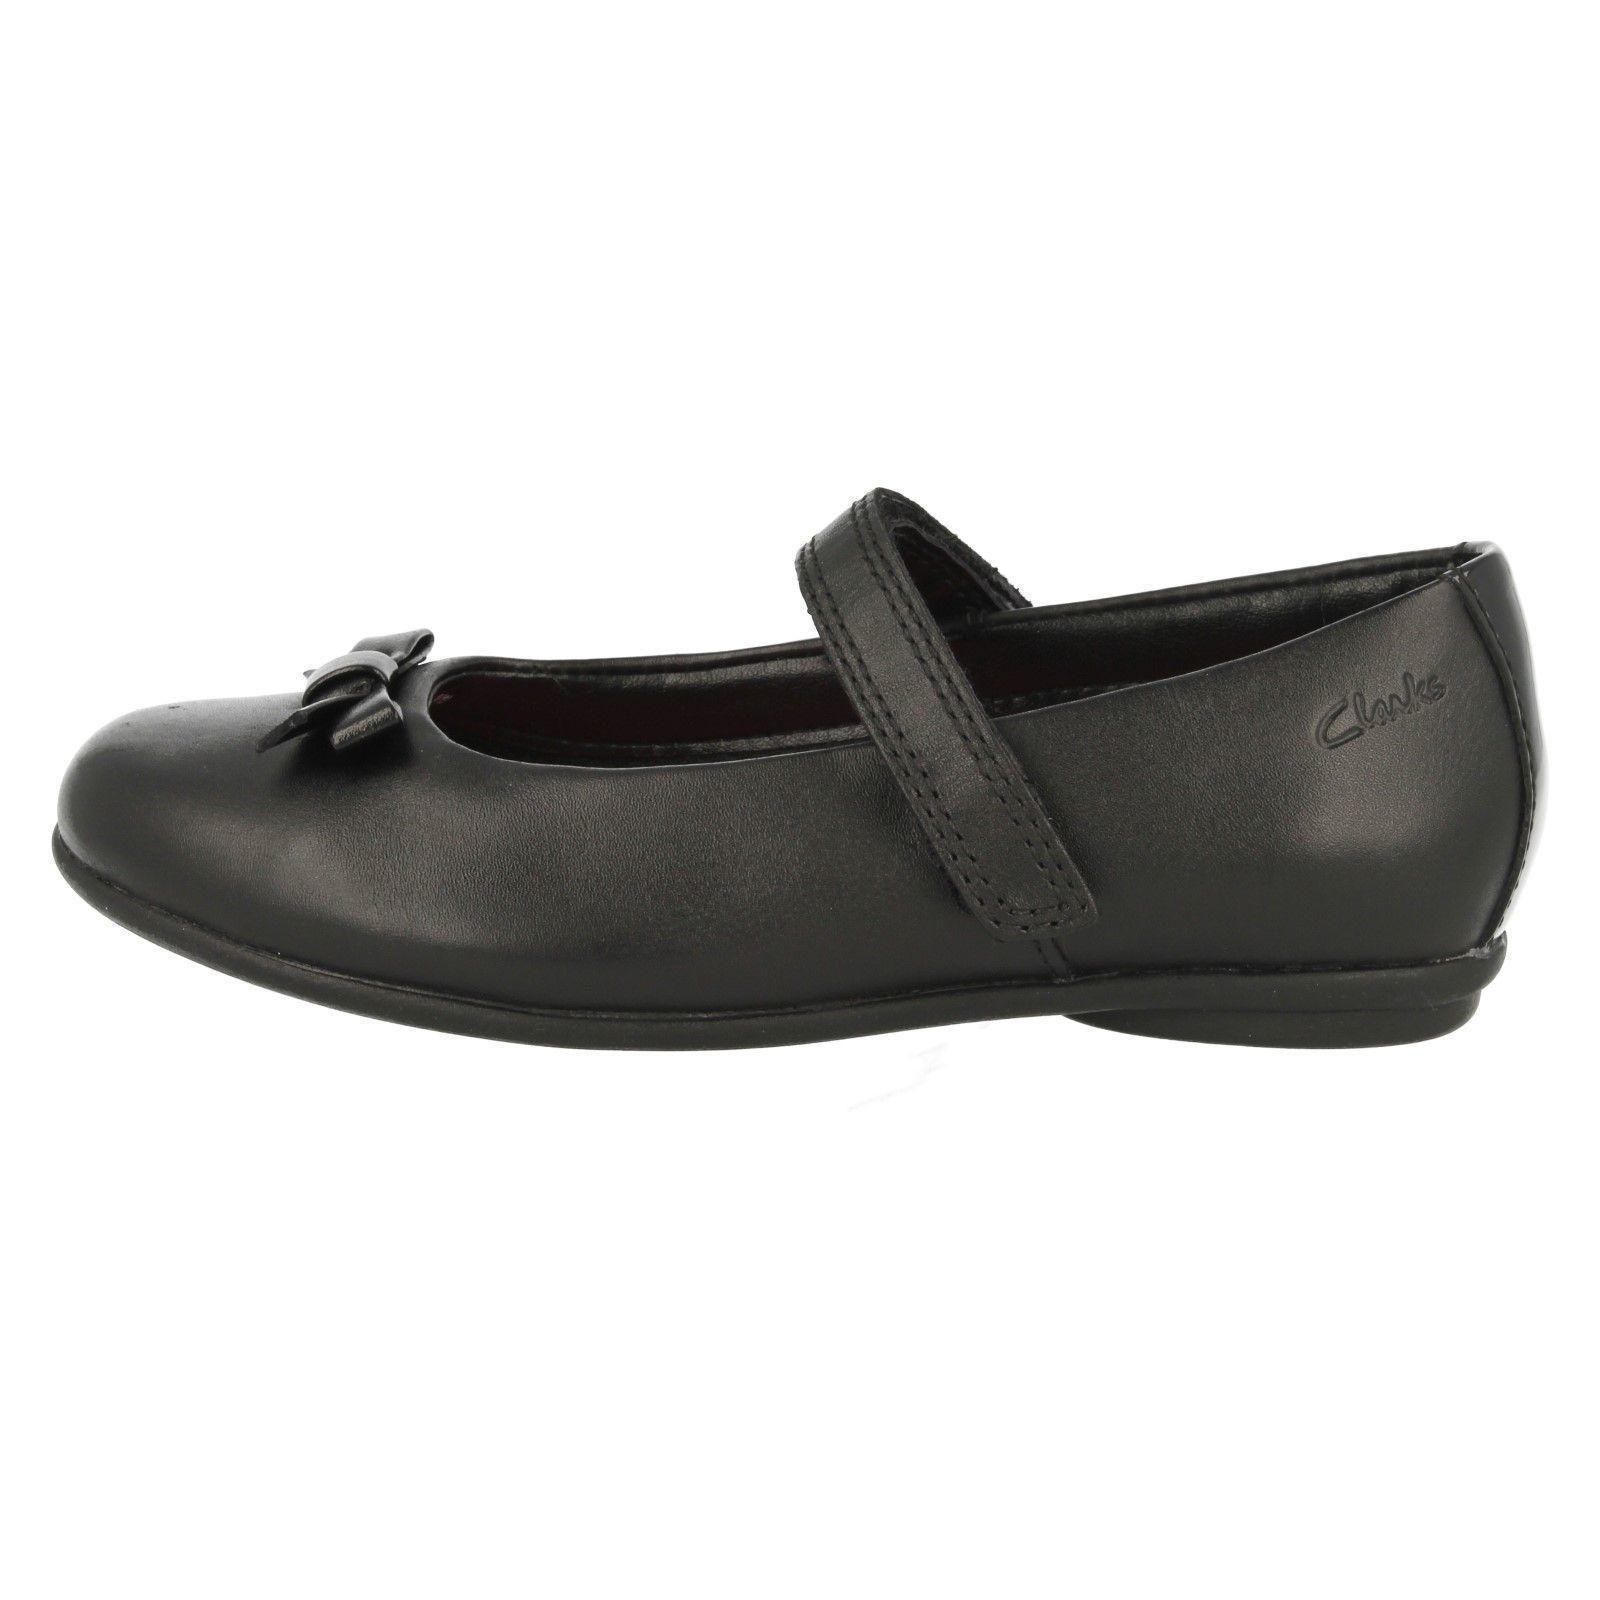 Bootleg School Shoes